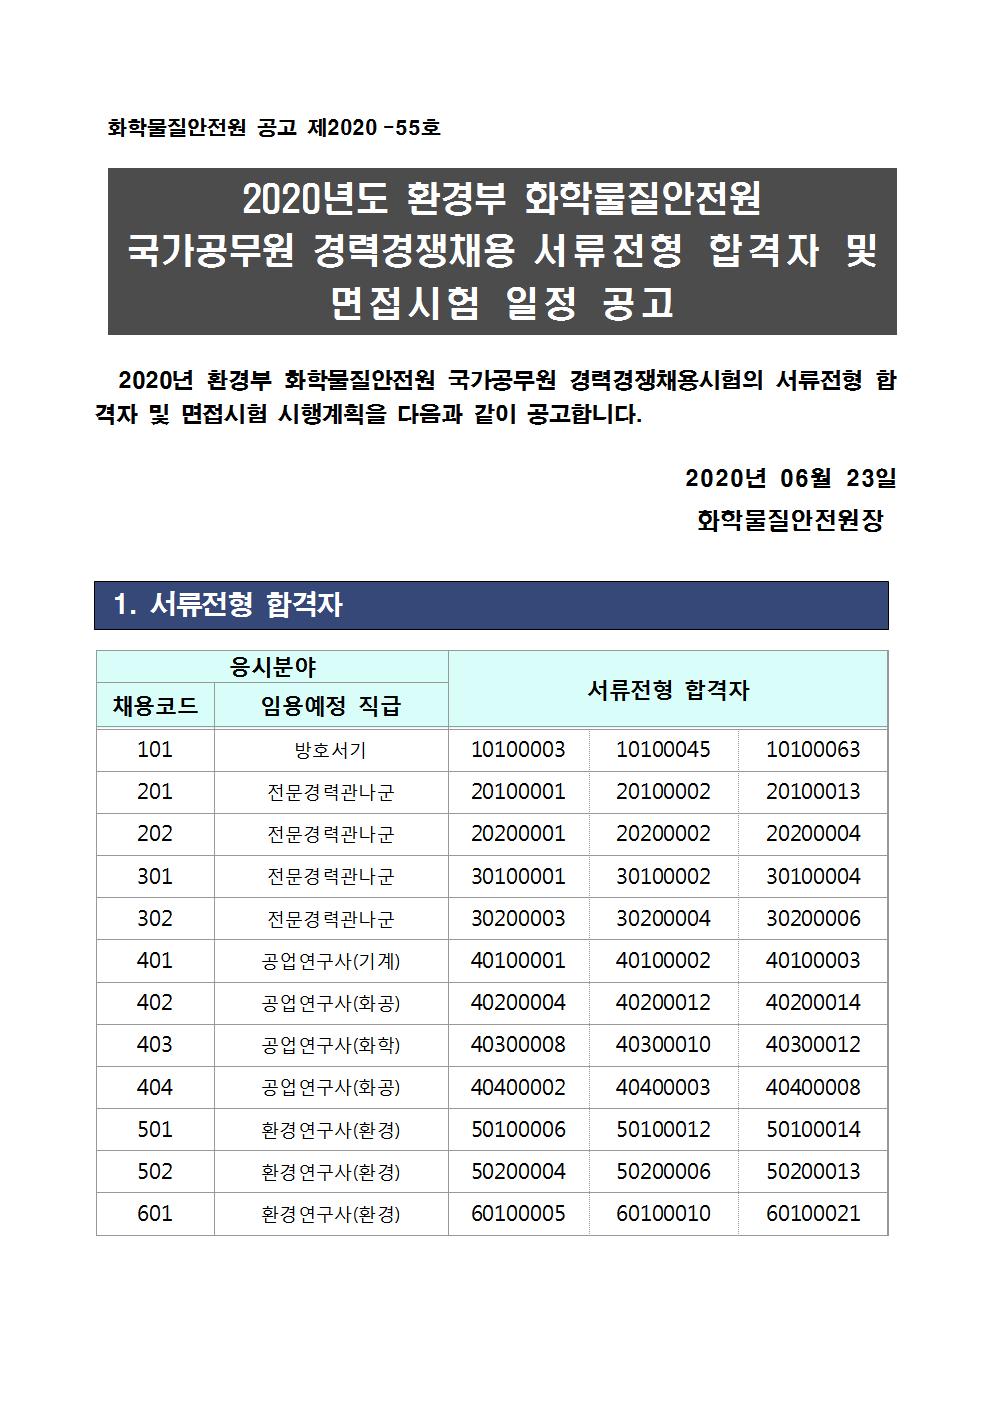 (첨부) 서류전형 합격자 및 면접시험 일정 공고문001.png